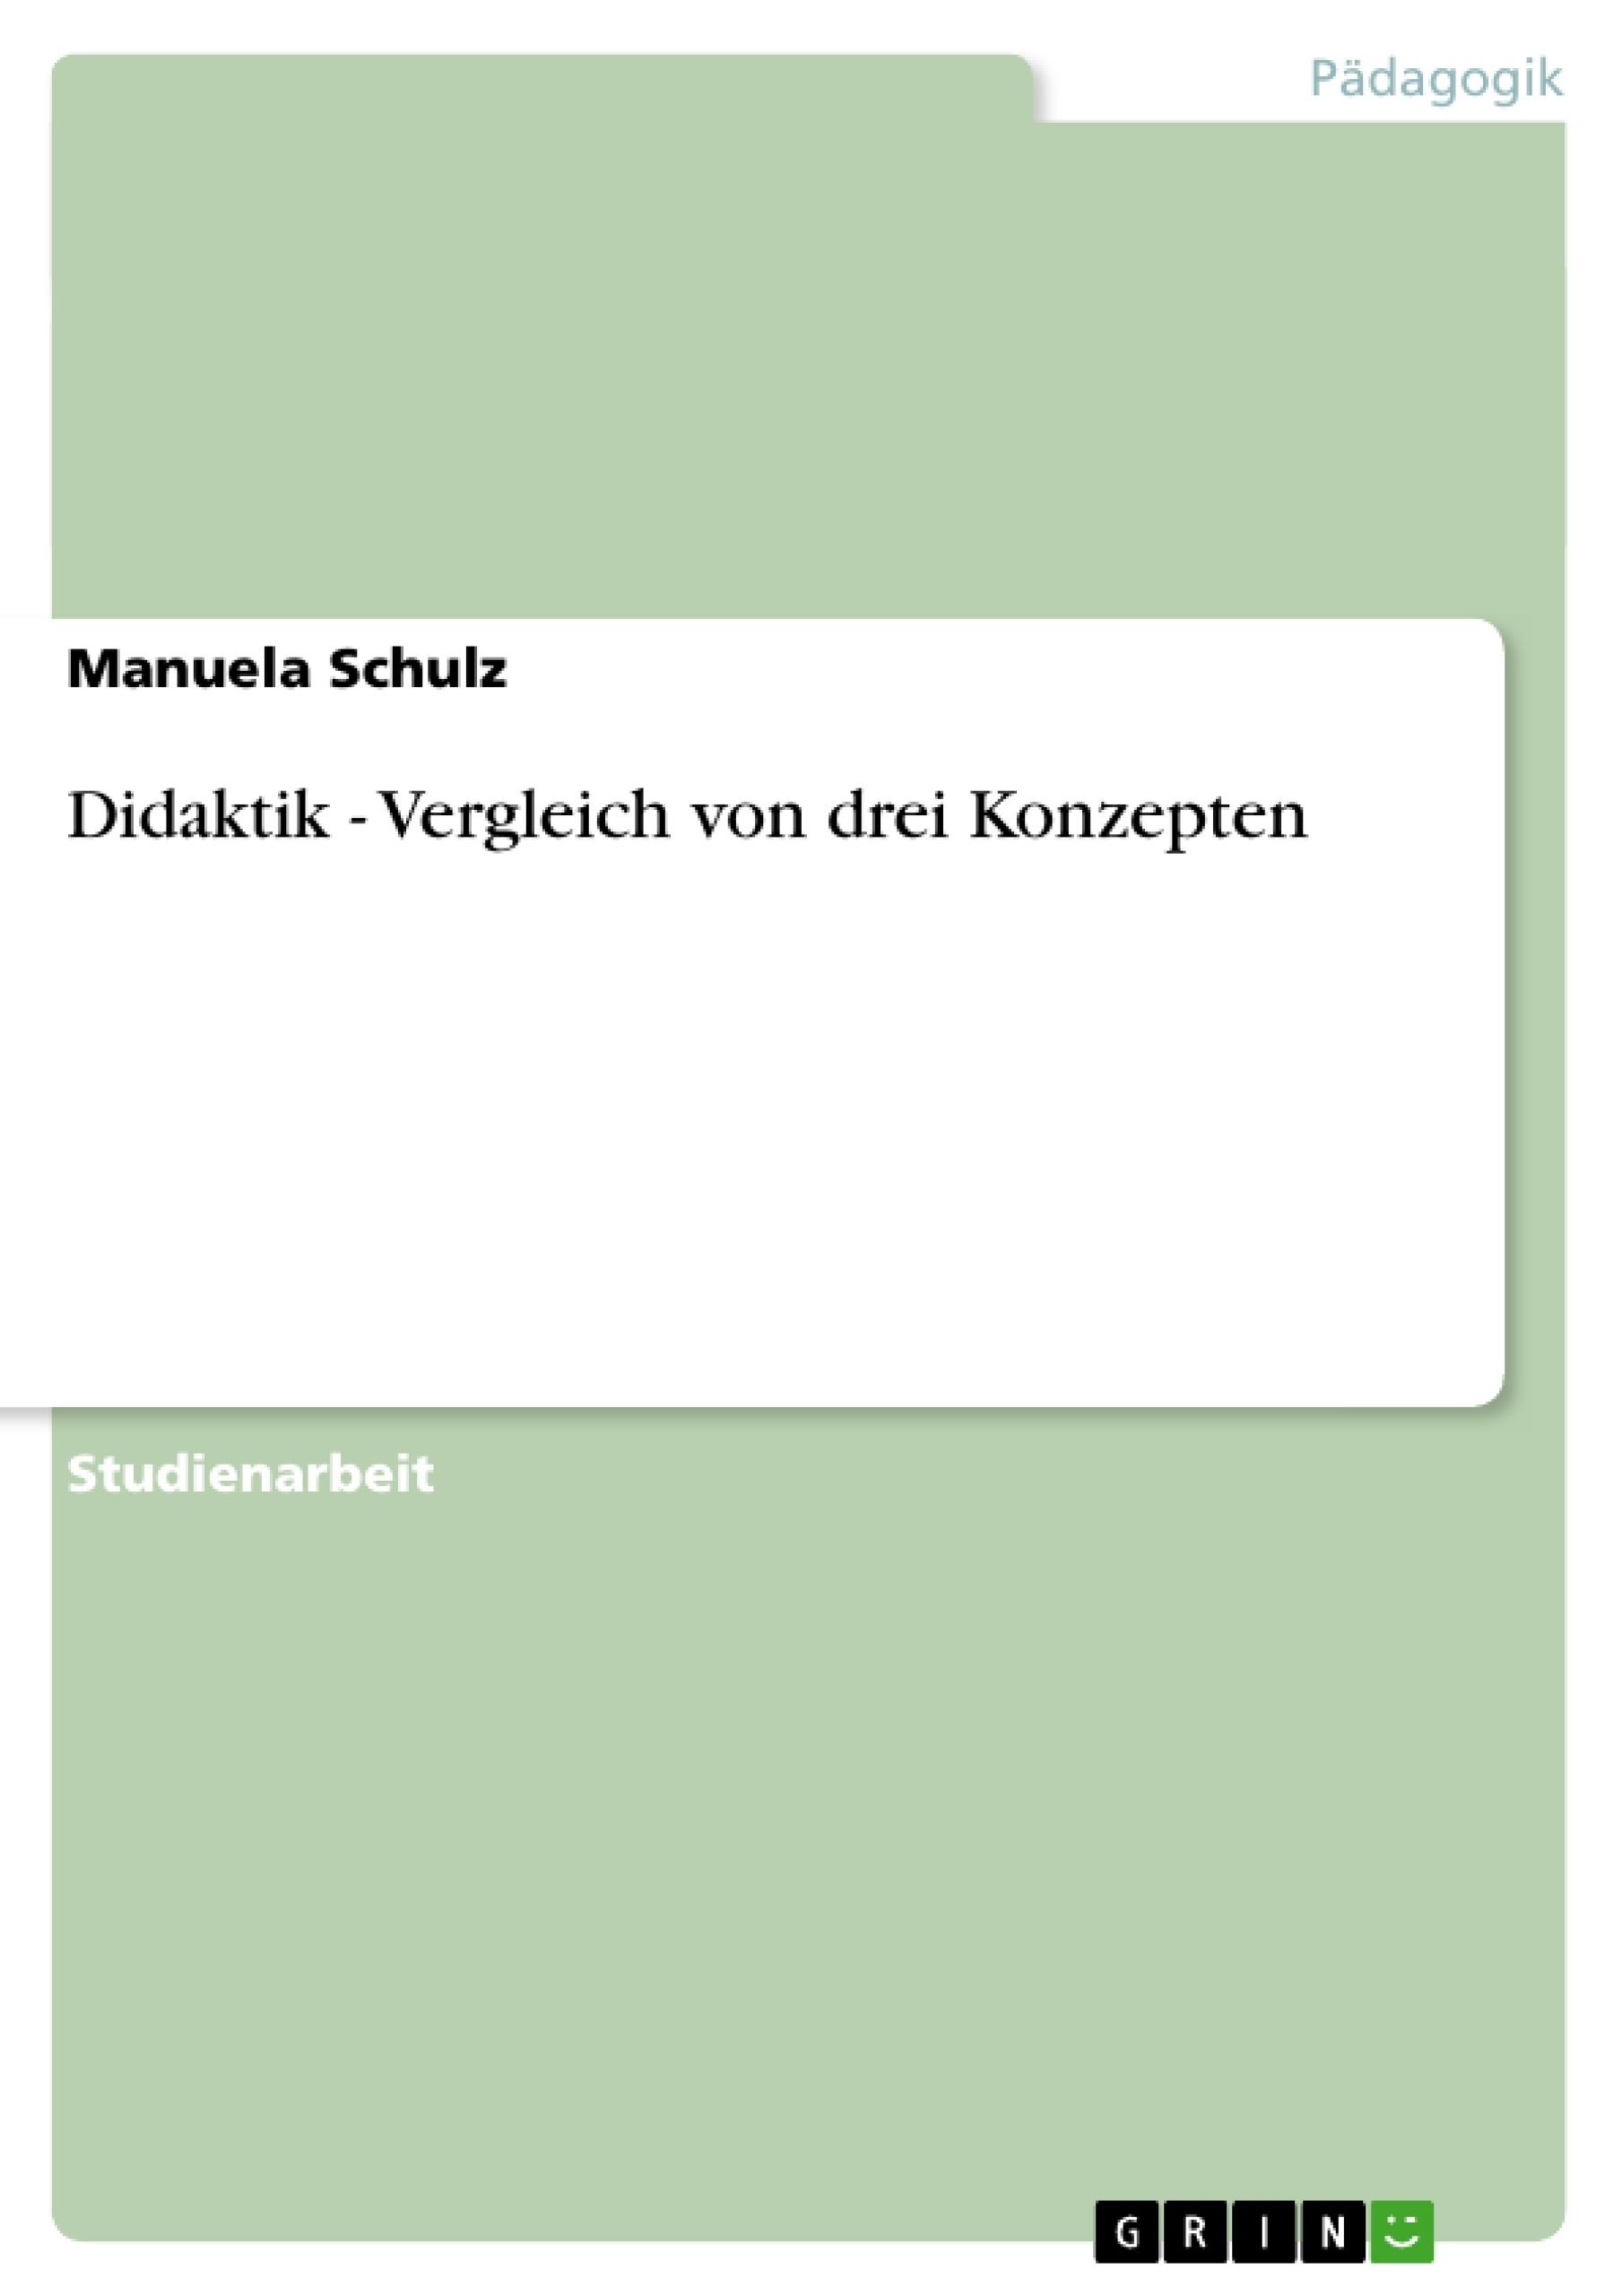 Titel: Didaktik - Vergleich von drei Konzepten